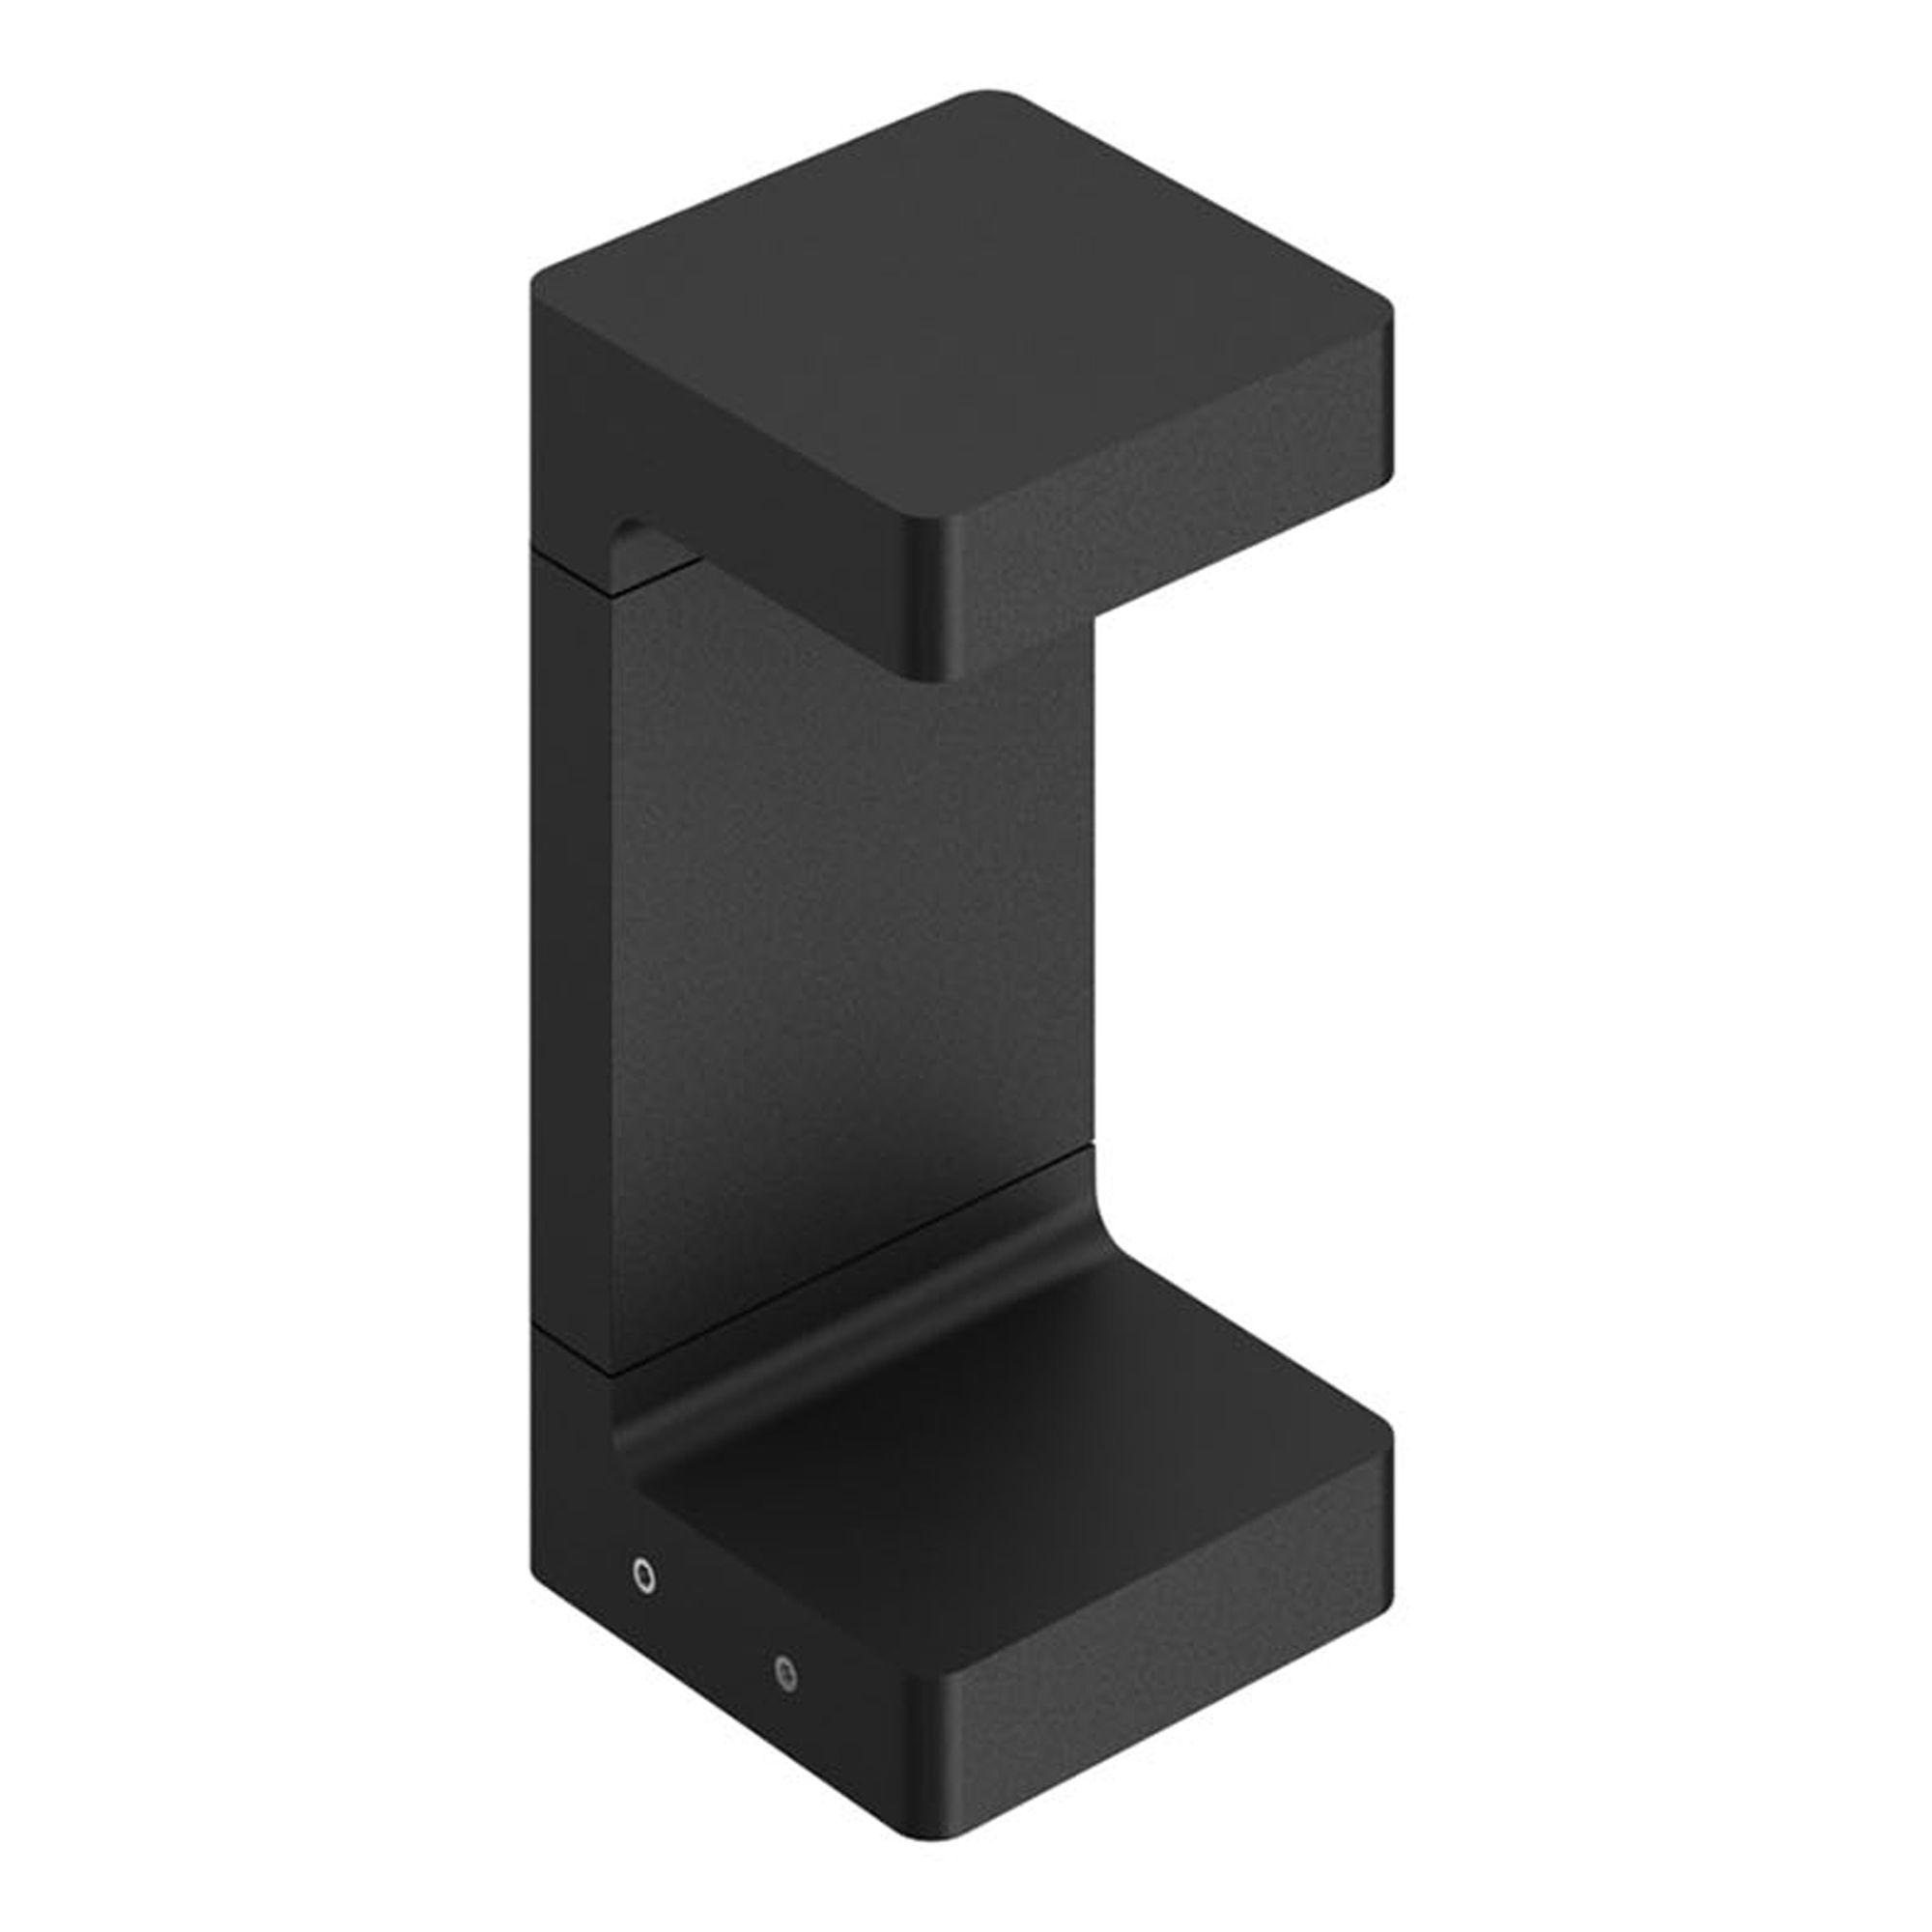 Flos Casting C 100x200 sokkellamp LED 3000K zwart